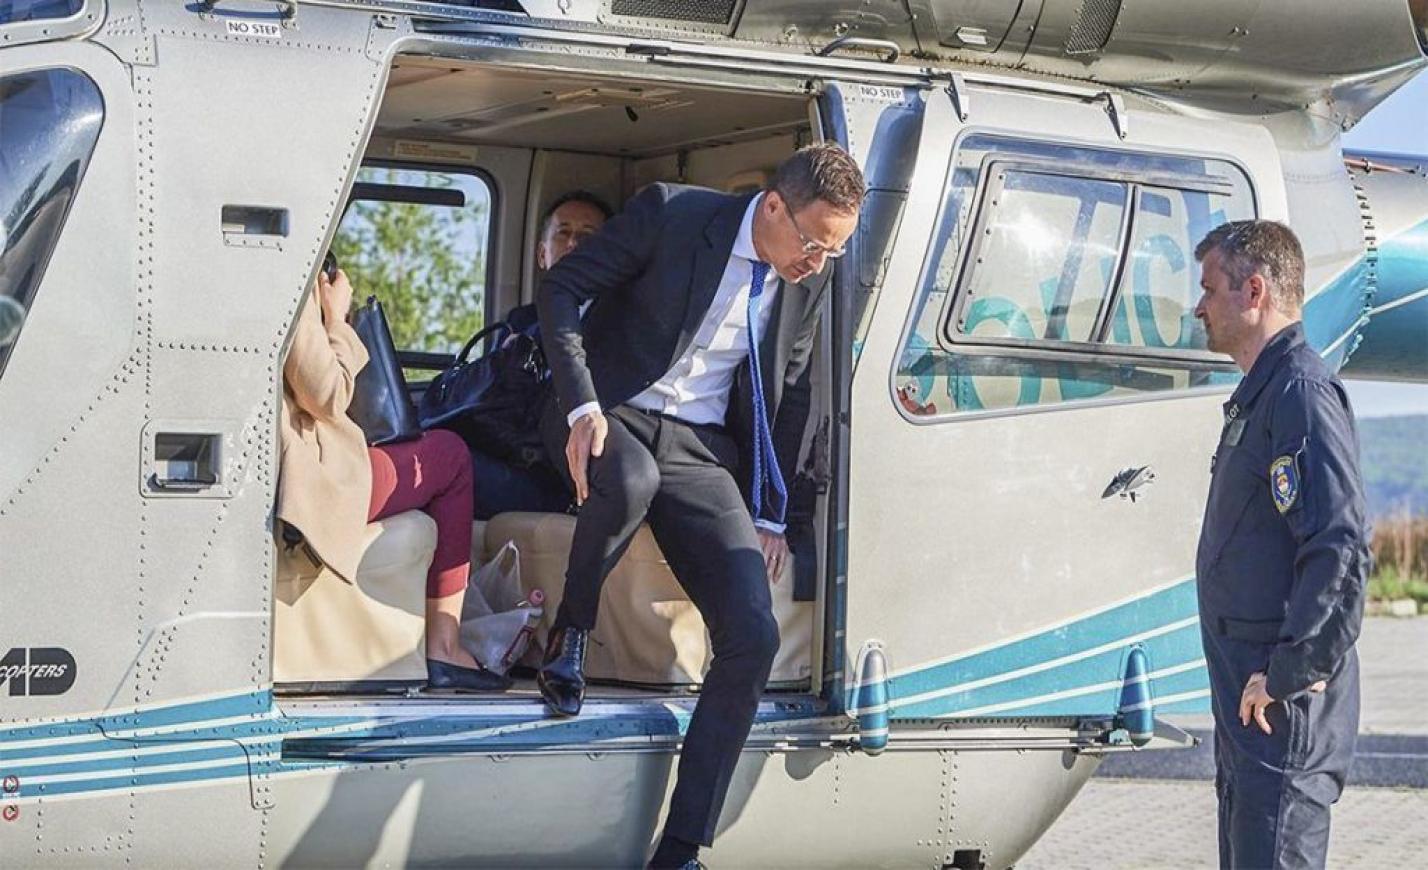 Kiderült, hányszor utazott rendőrségi helikopterrel Szijjártó idén